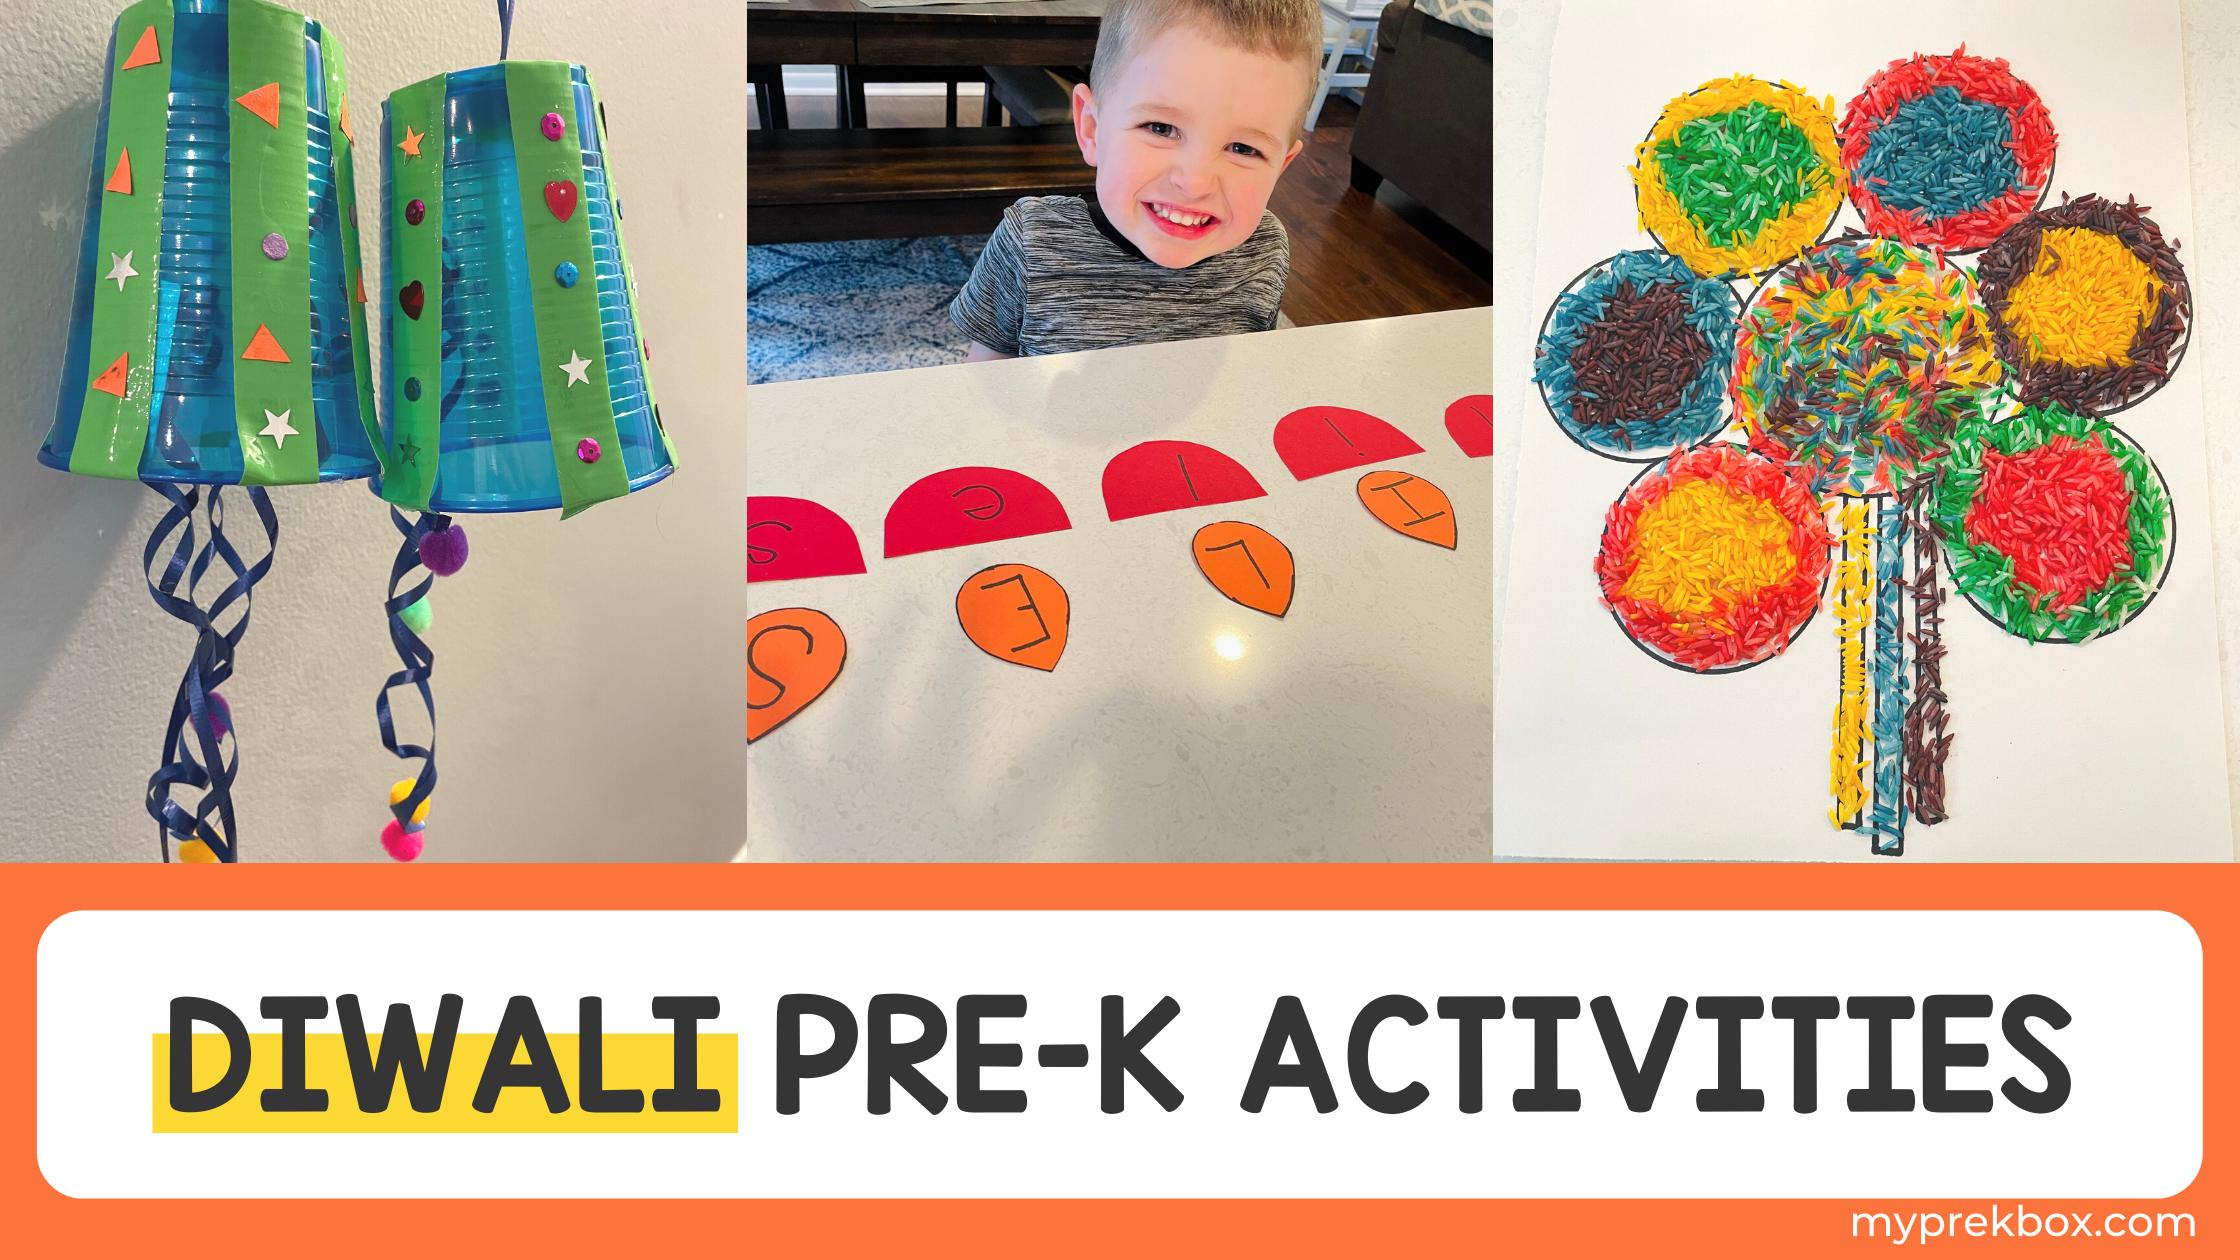 Diwali Preschool Activities